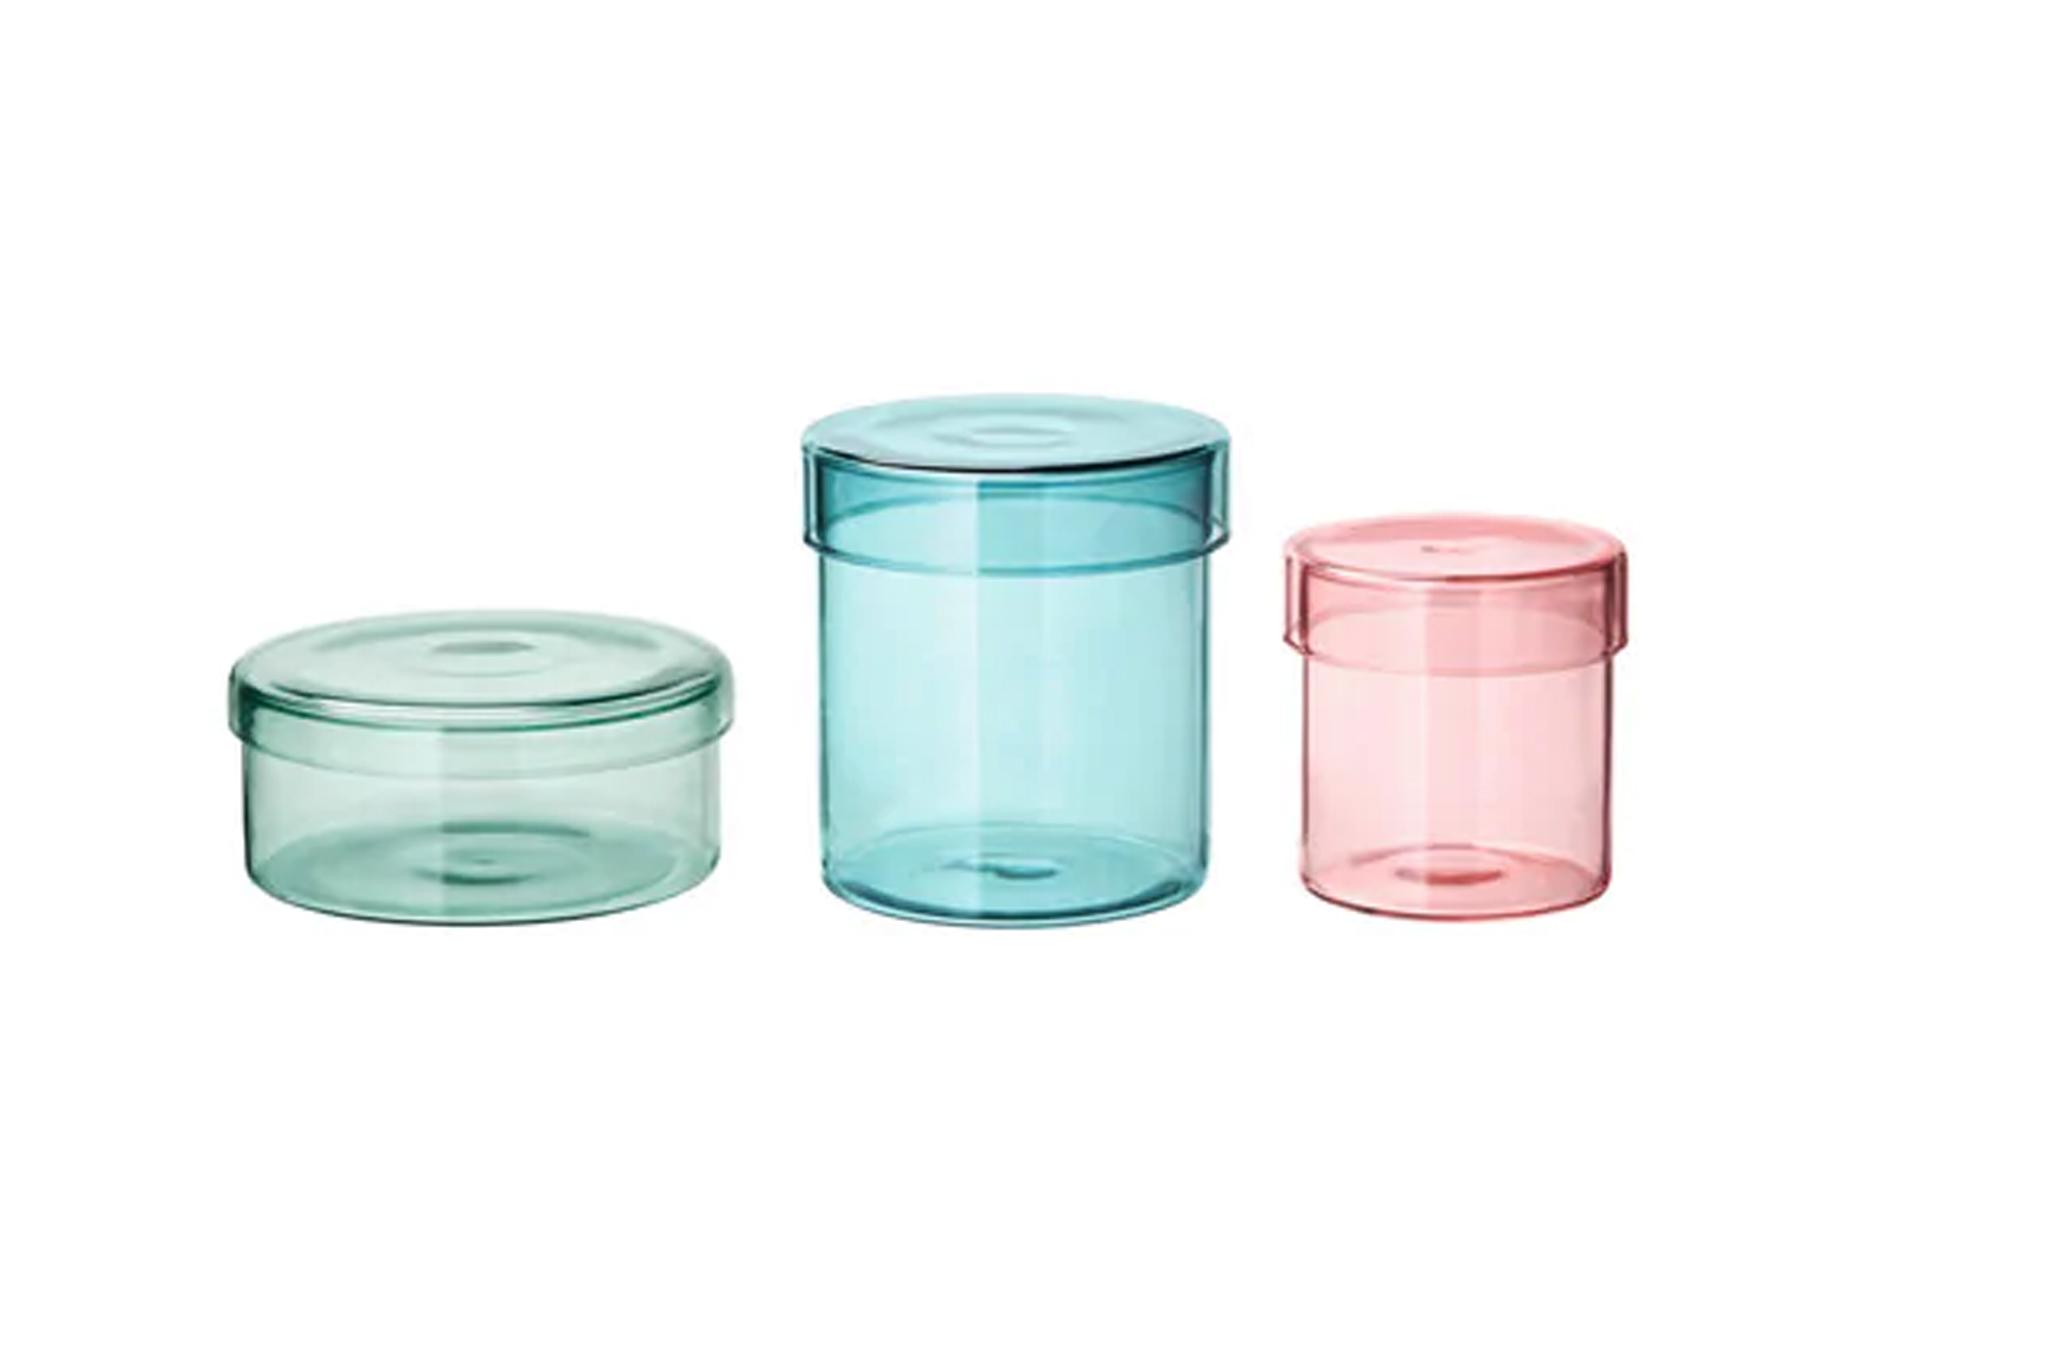 Samordna glass jars